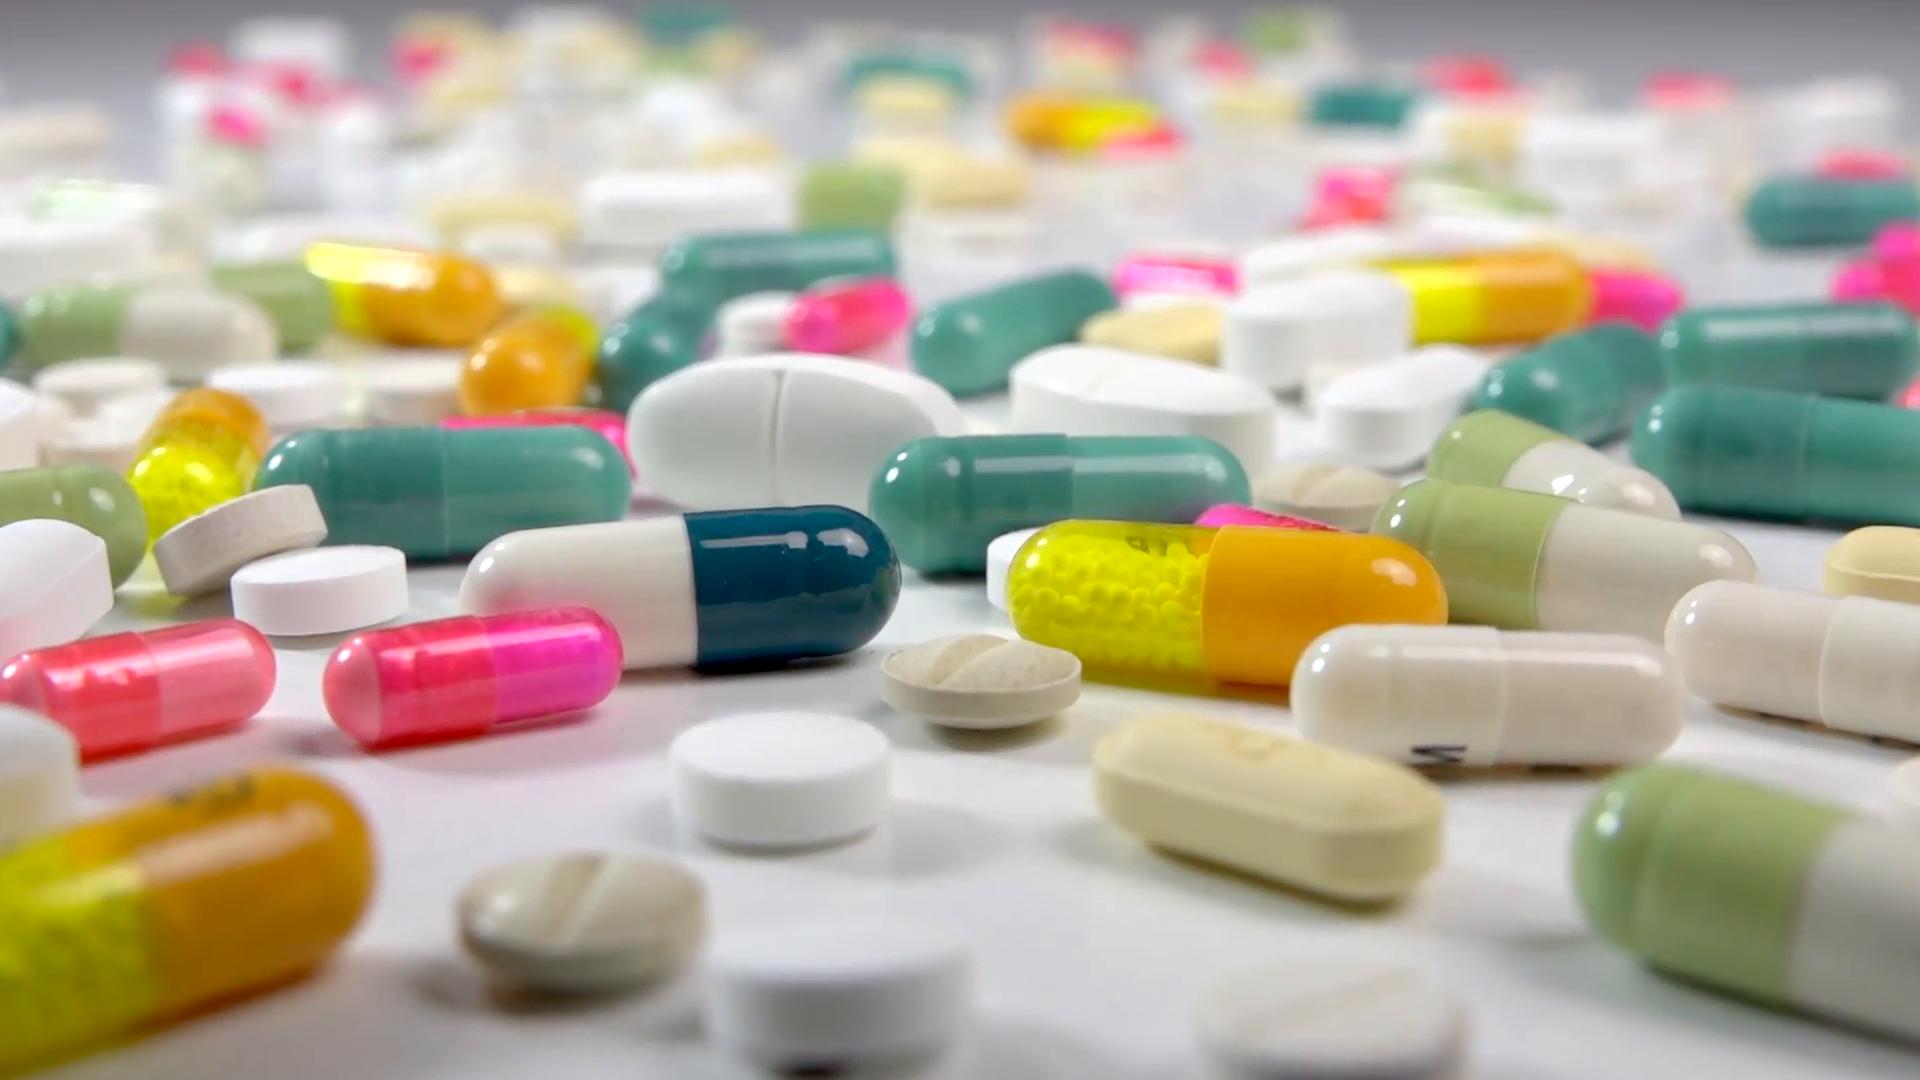 ऐंटीबायॉटिक: जब दवा ही बीमारी का कारण बन जाए 6